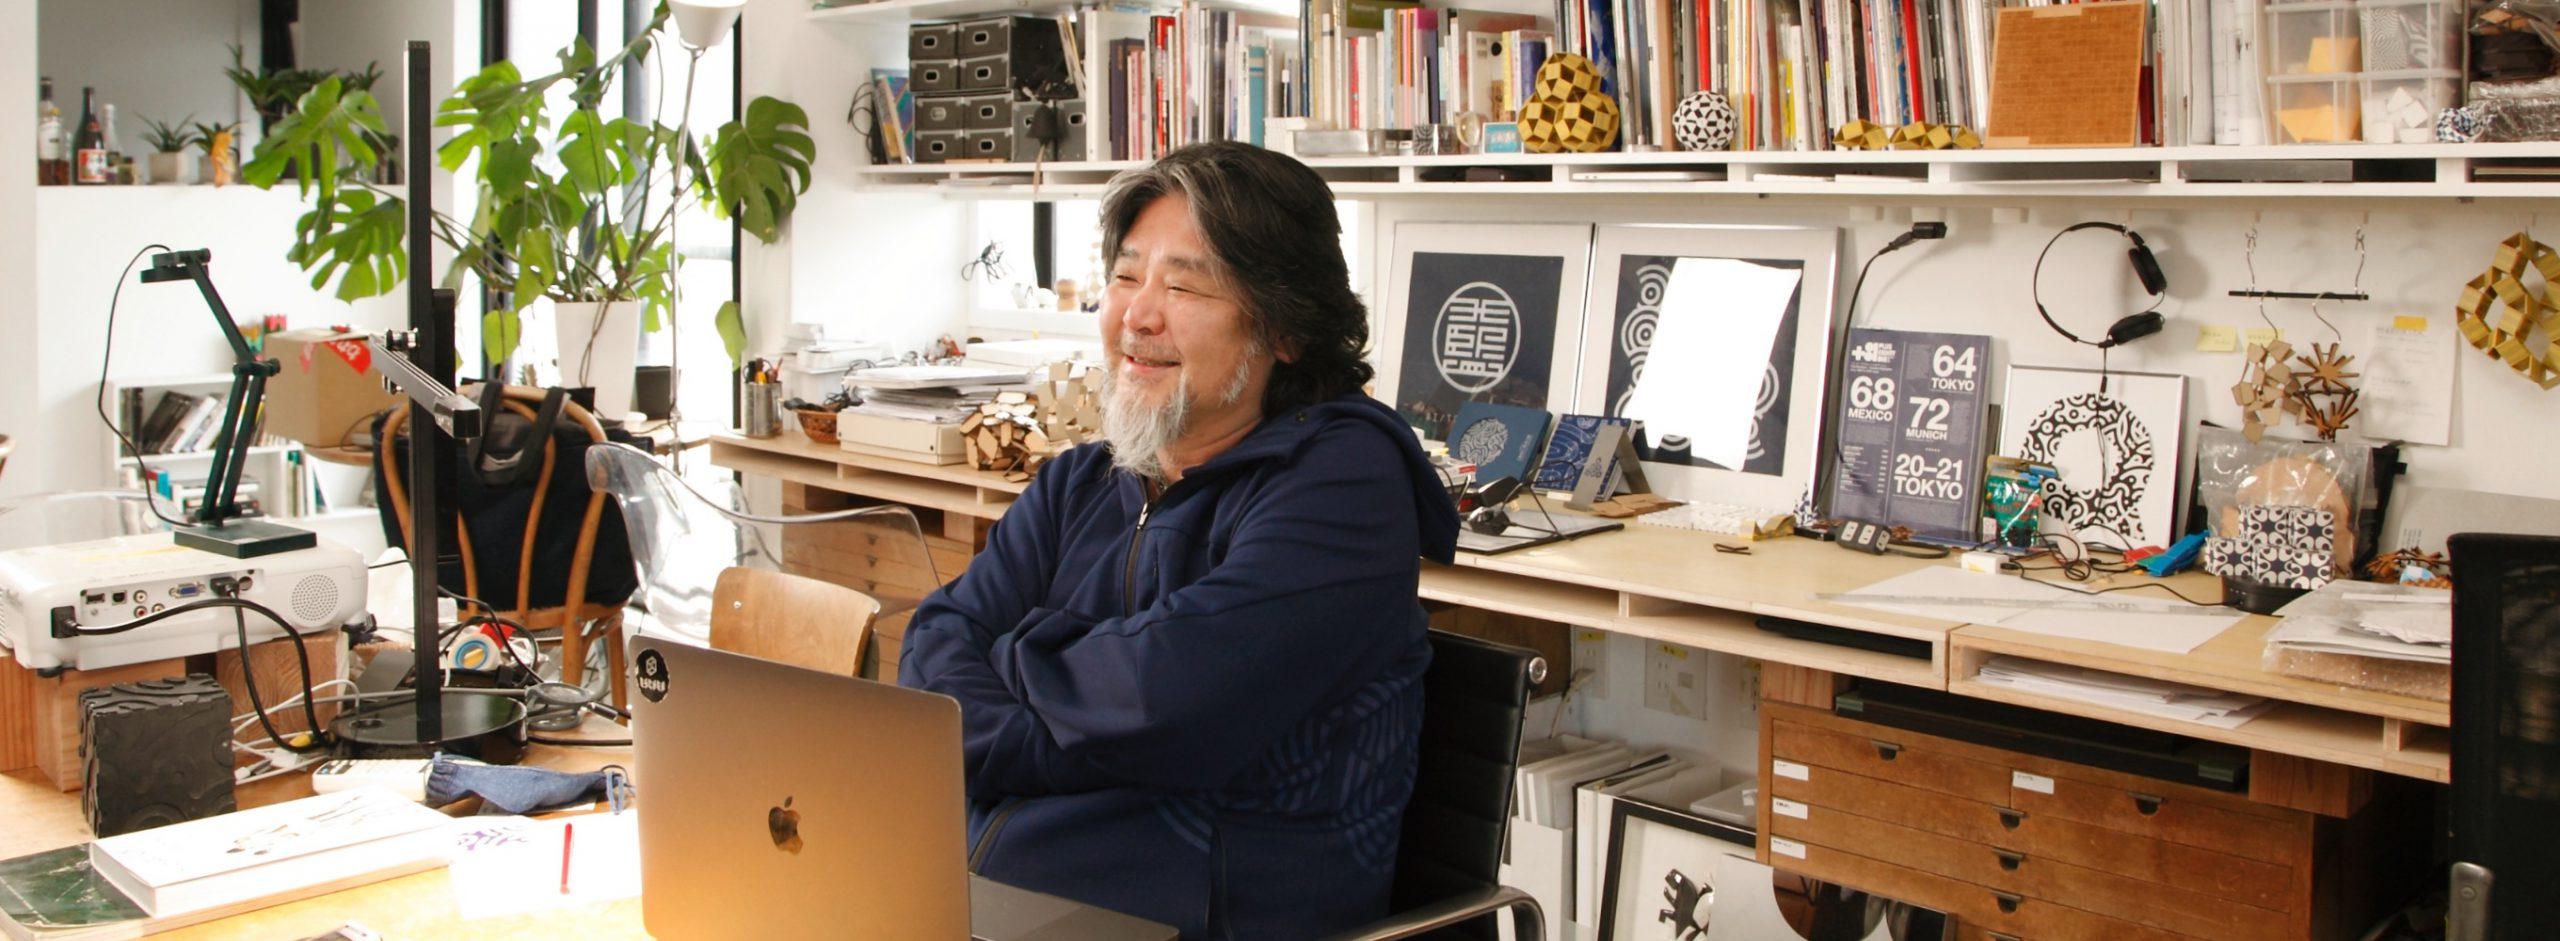 テーマは「繋げること」——美術家、野老朝雄氏の発想の原点とは